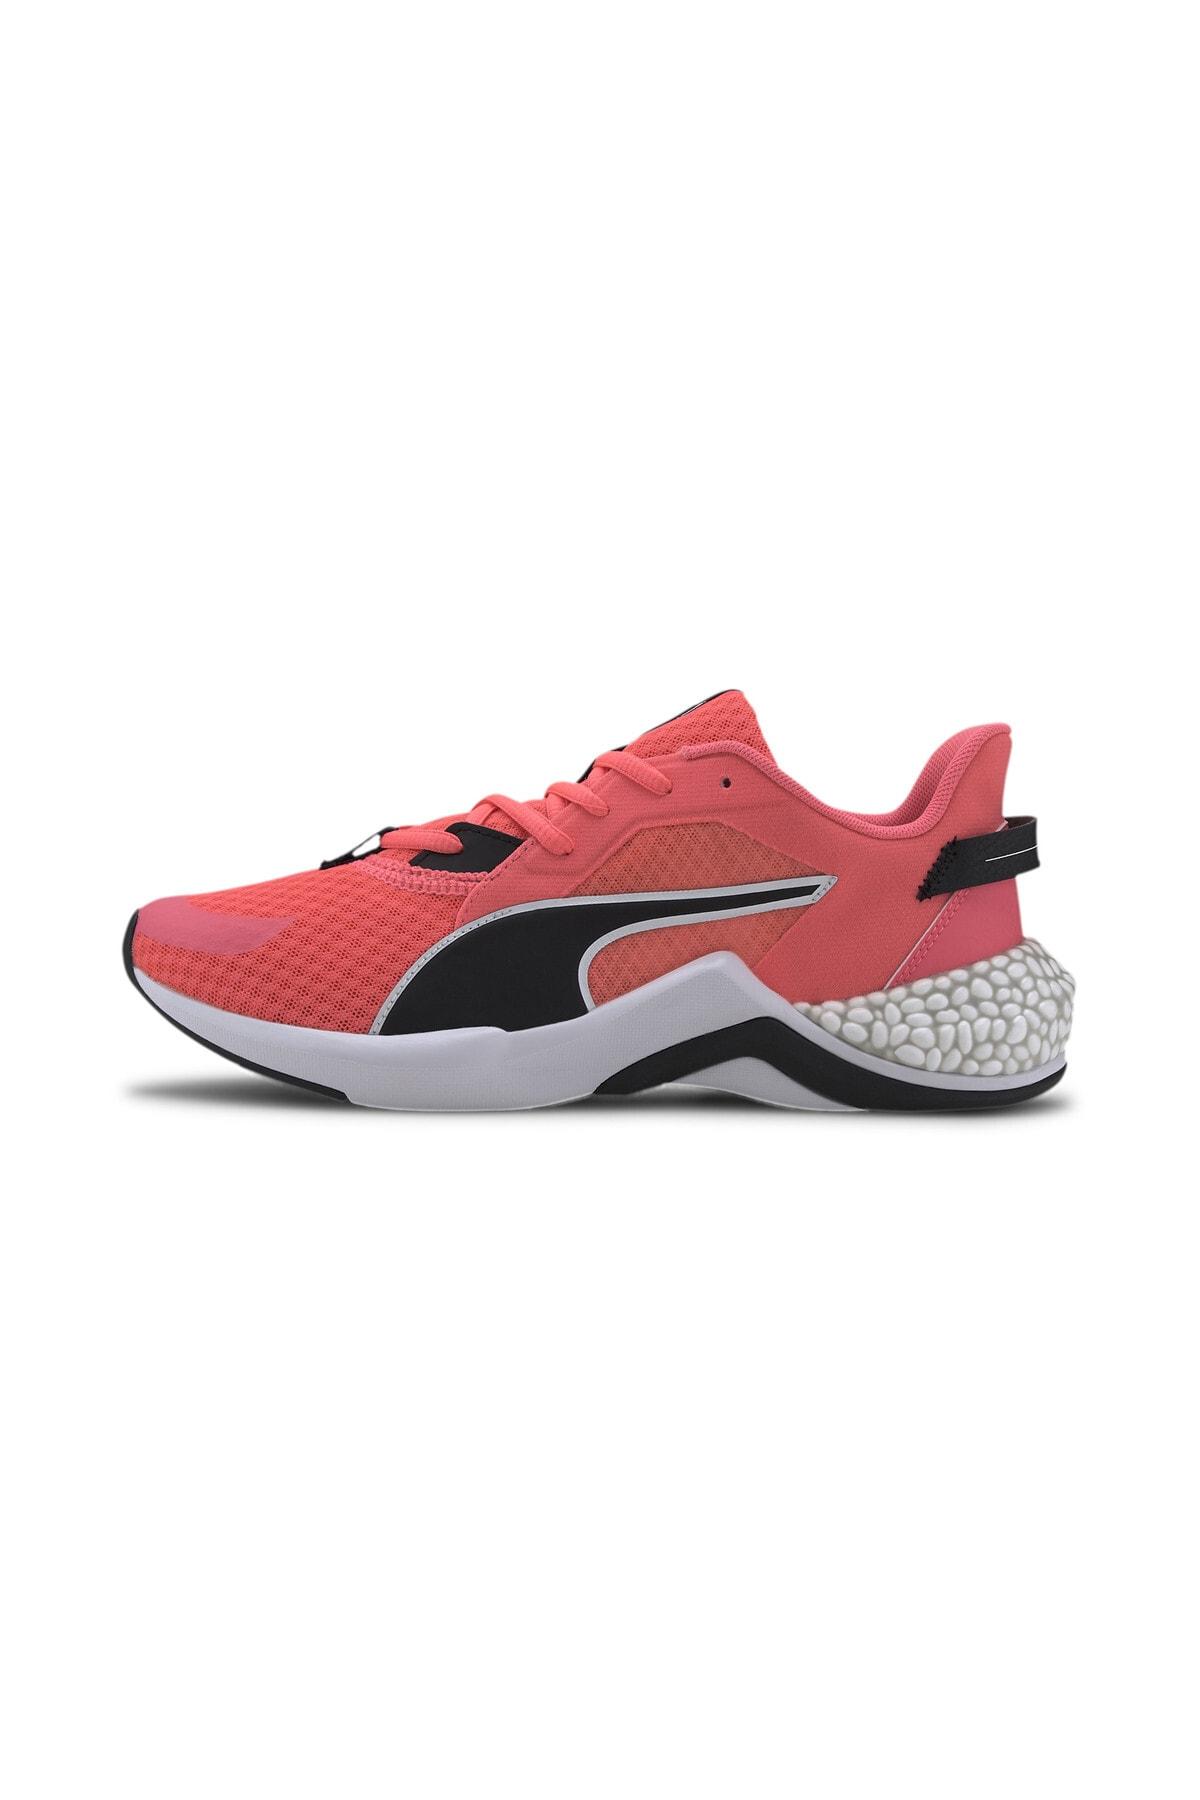 Puma HYBRID NX Ozone Kadın Koşu Ayakkabısı